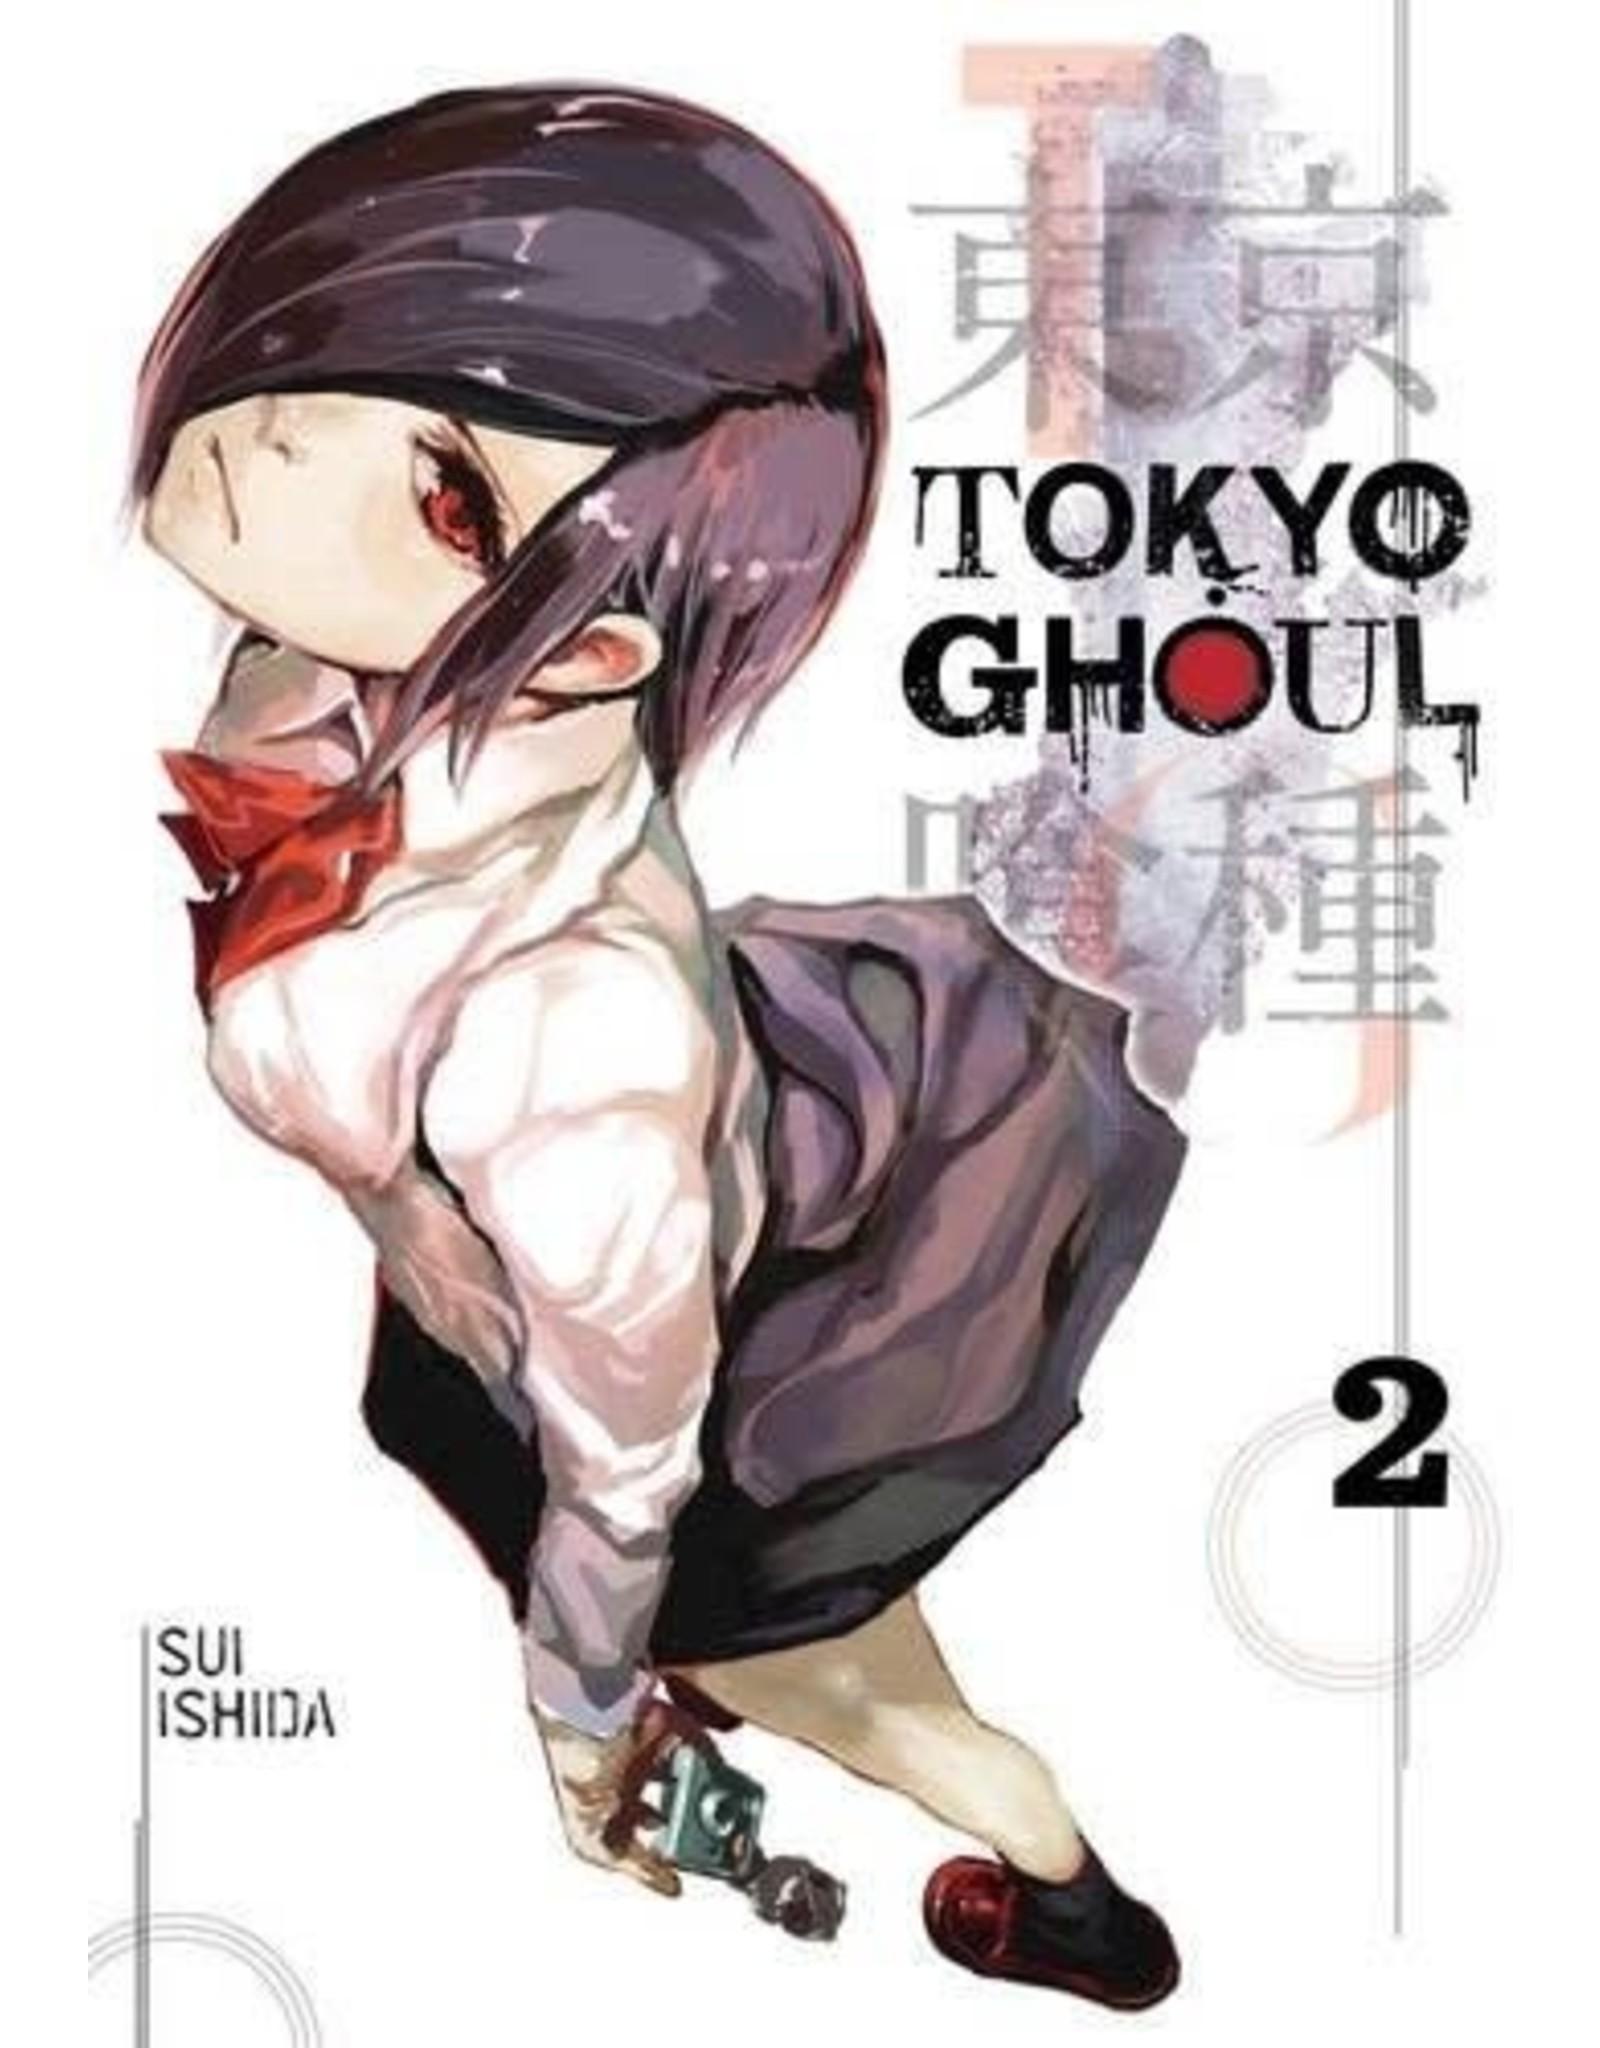 Tokyo Ghoul 02 (English Version)